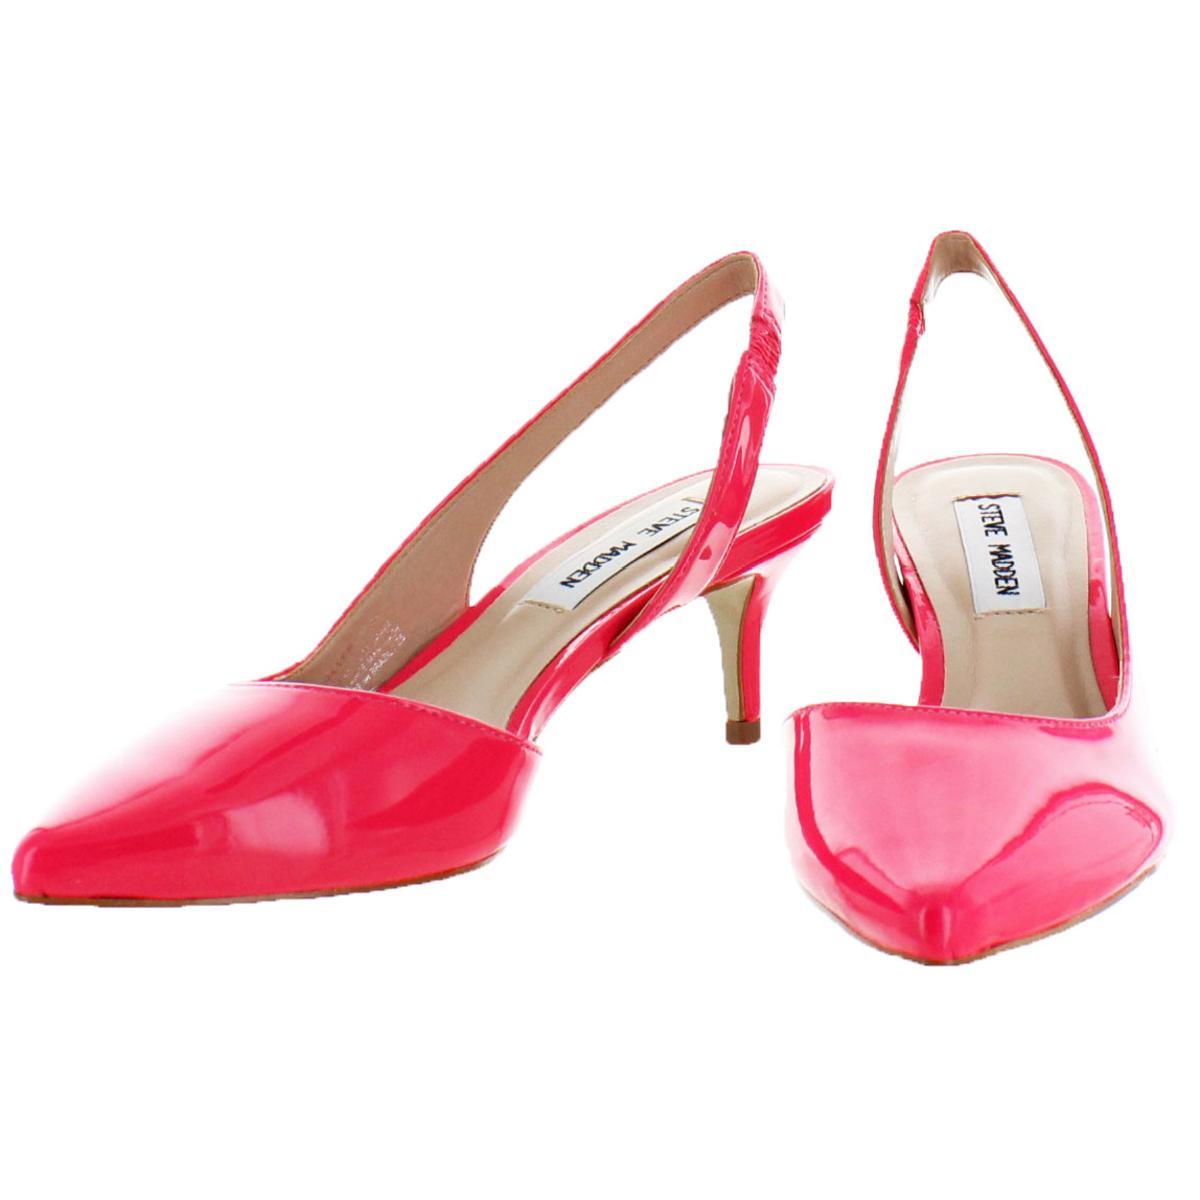 Steve-Madden-Vera-Women-039-s-Slip-On-Pointed-Toe-Half-d-039-Orsay-Slingback-Heels thumbnail 10